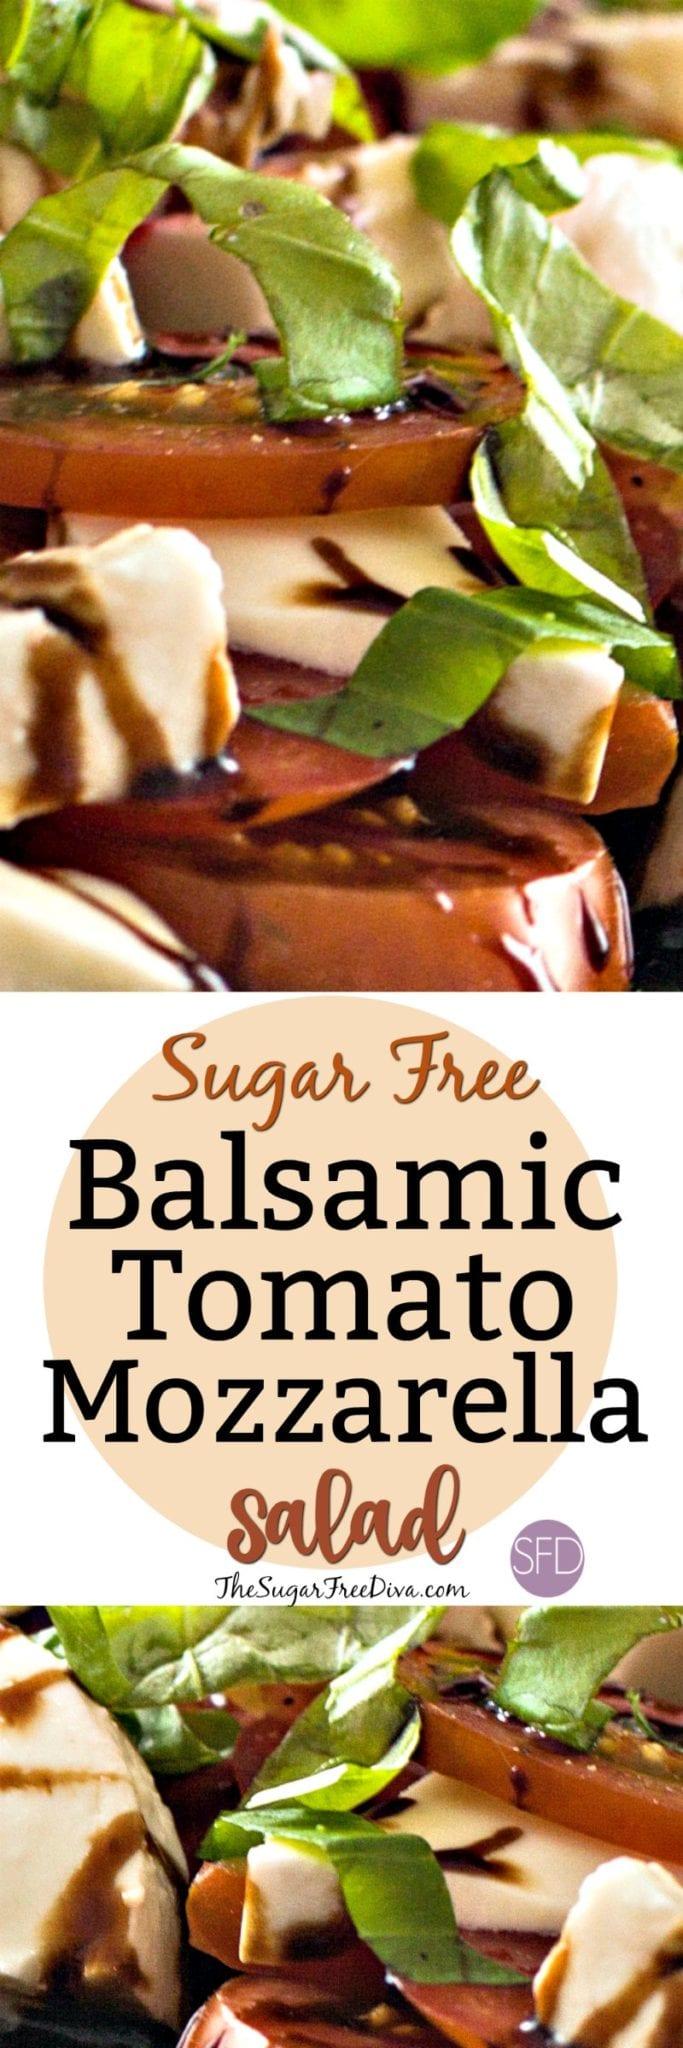 Sugar Free Balsamic Tomato and Mozzarella Salad